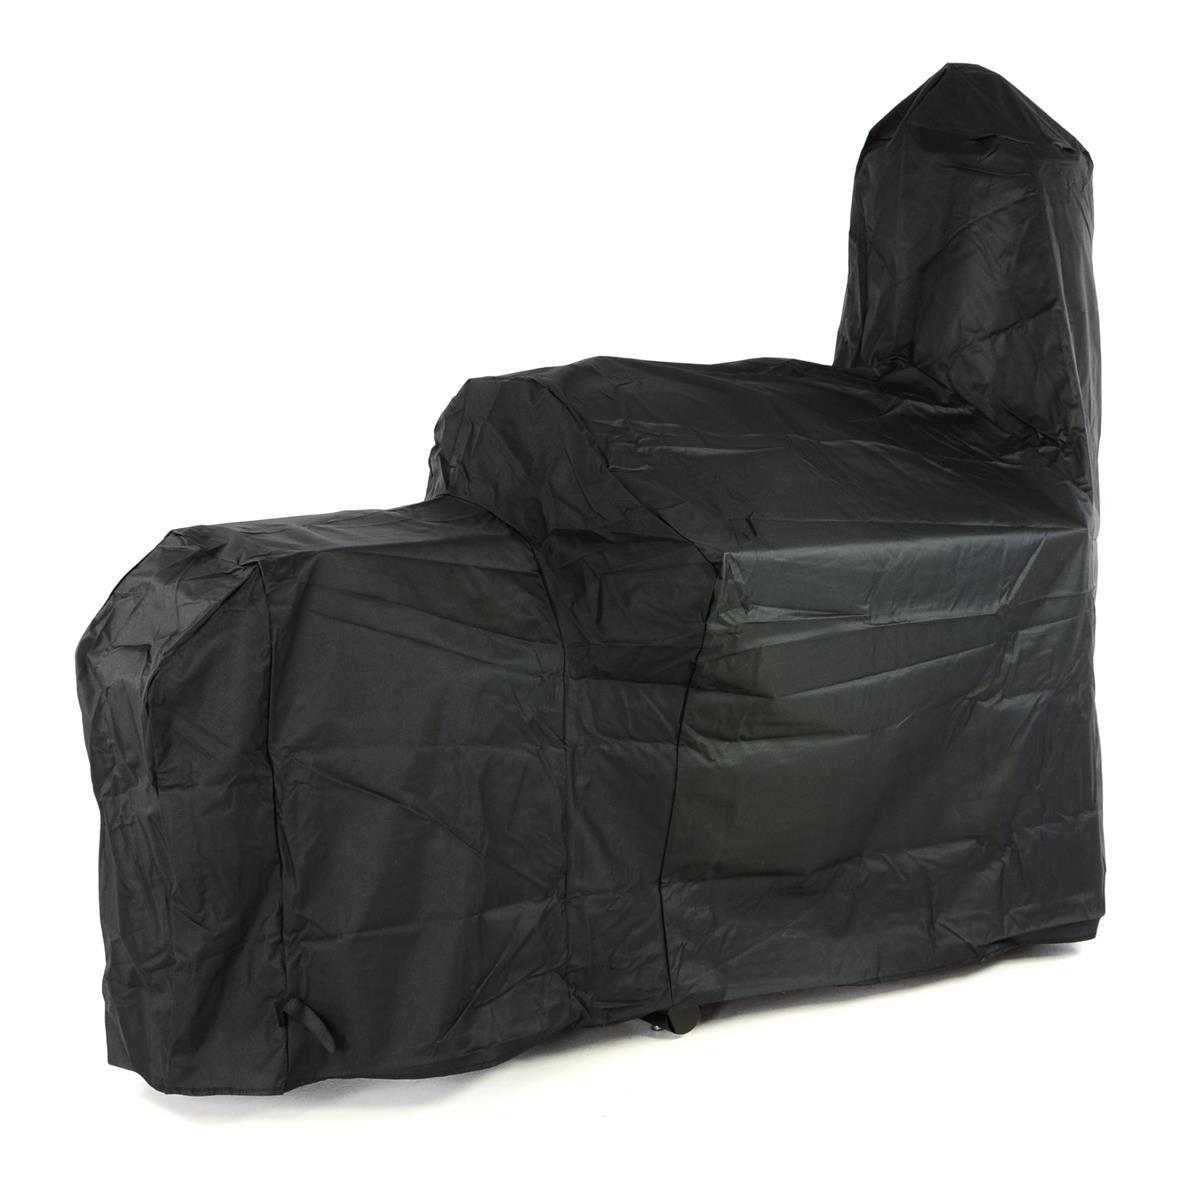 Schutzhülle für Smoker Wetterschutz Plane Cover 500x300D/PVC schwarz 172x212 cm